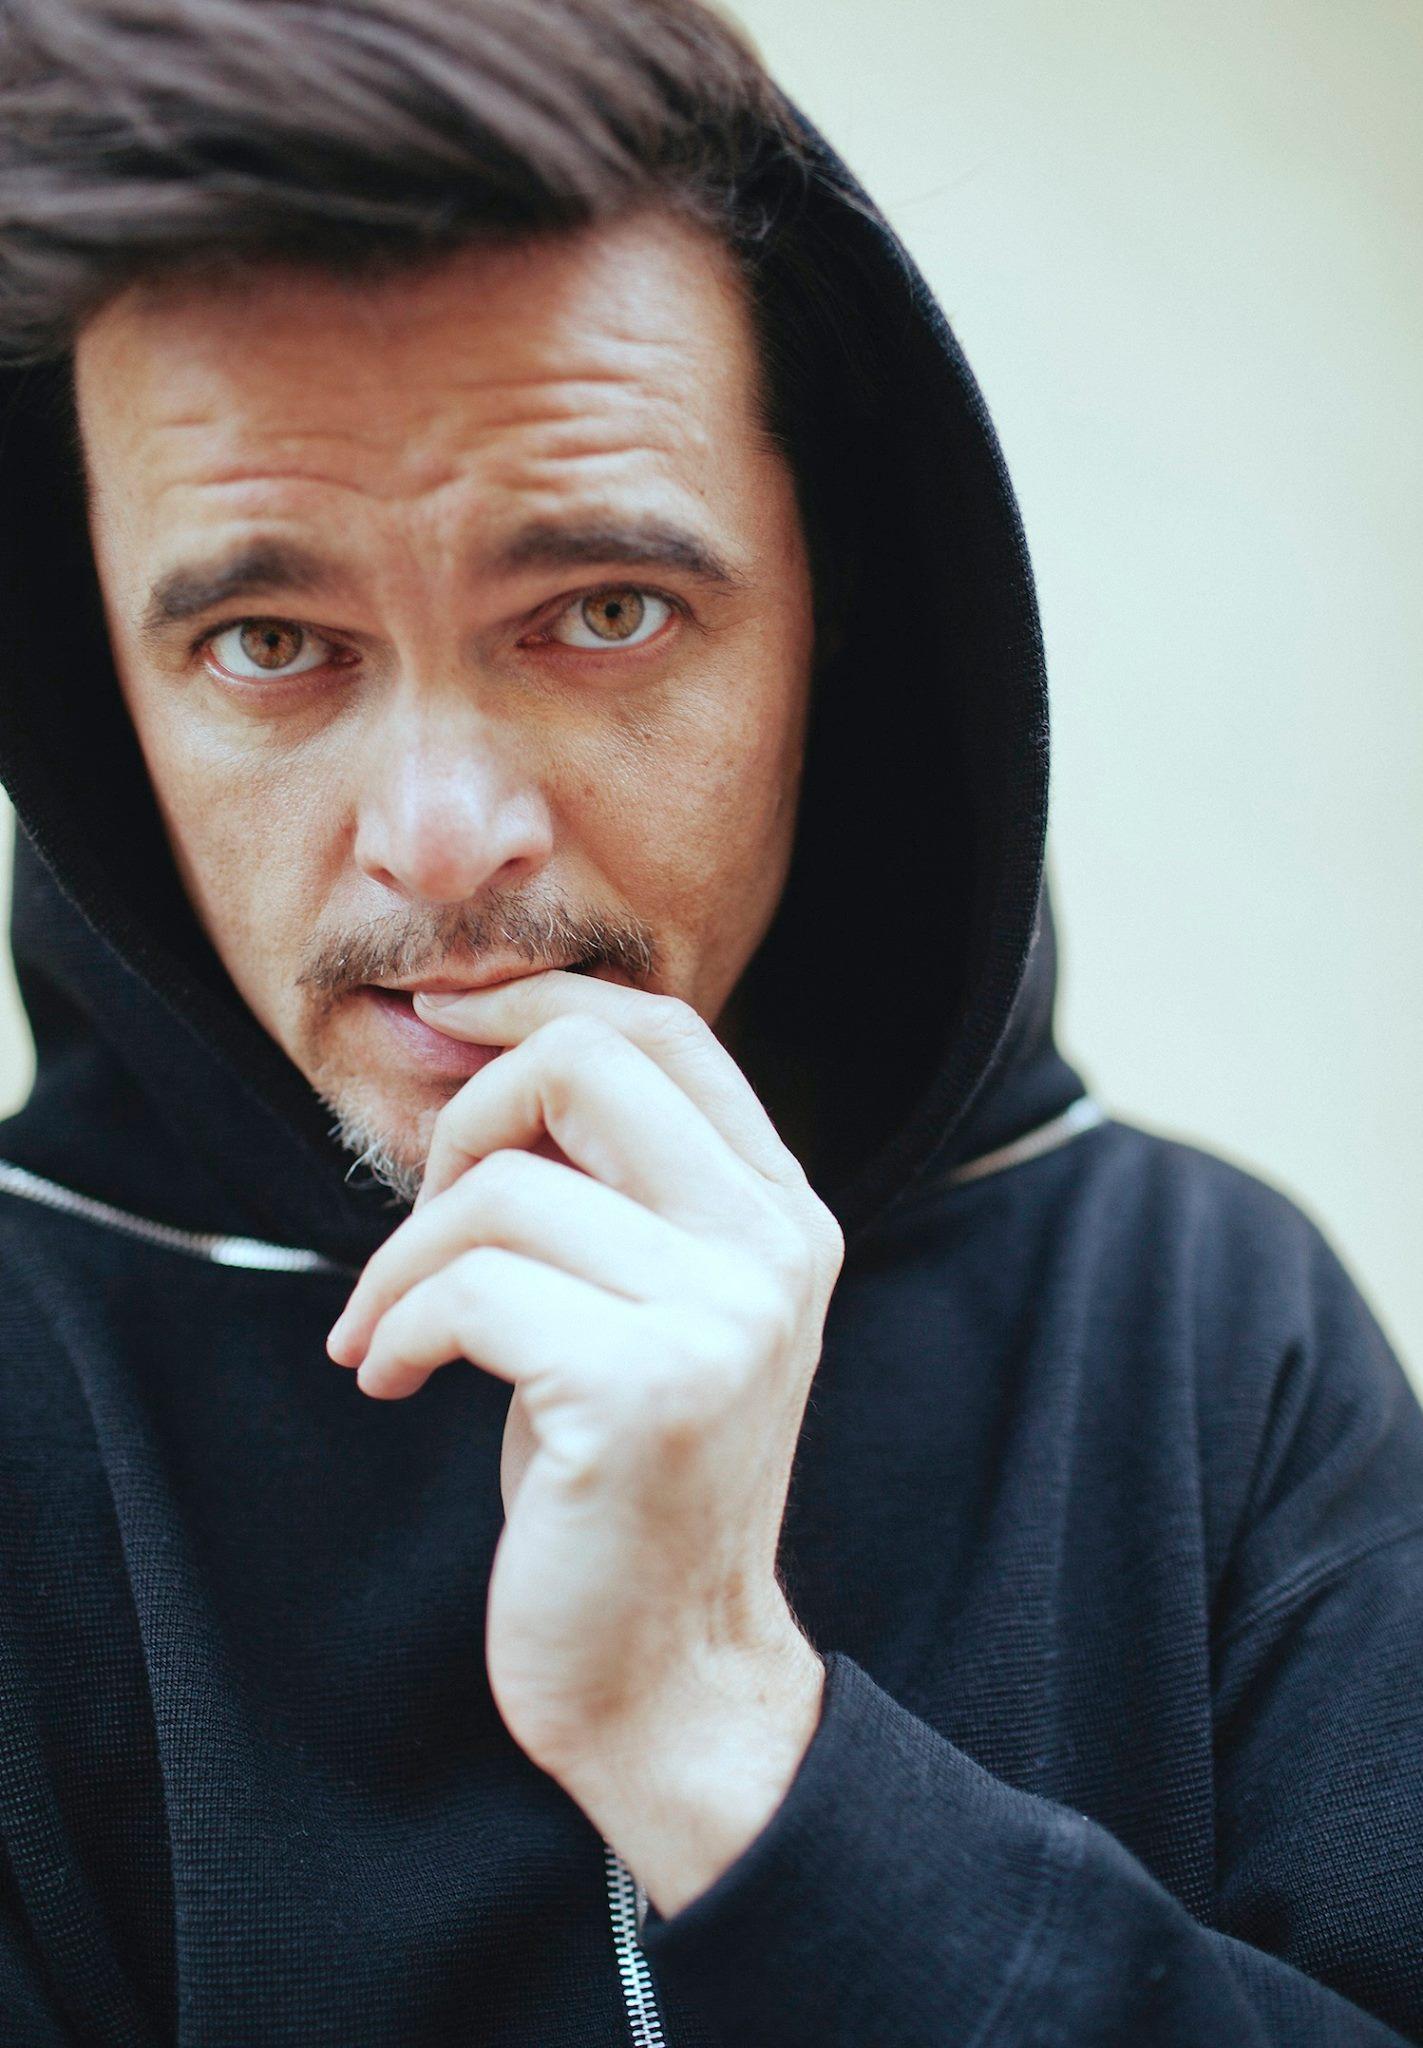 Игорь Григорьев о смысле мишуры, играх в революцию и потерянном поколении